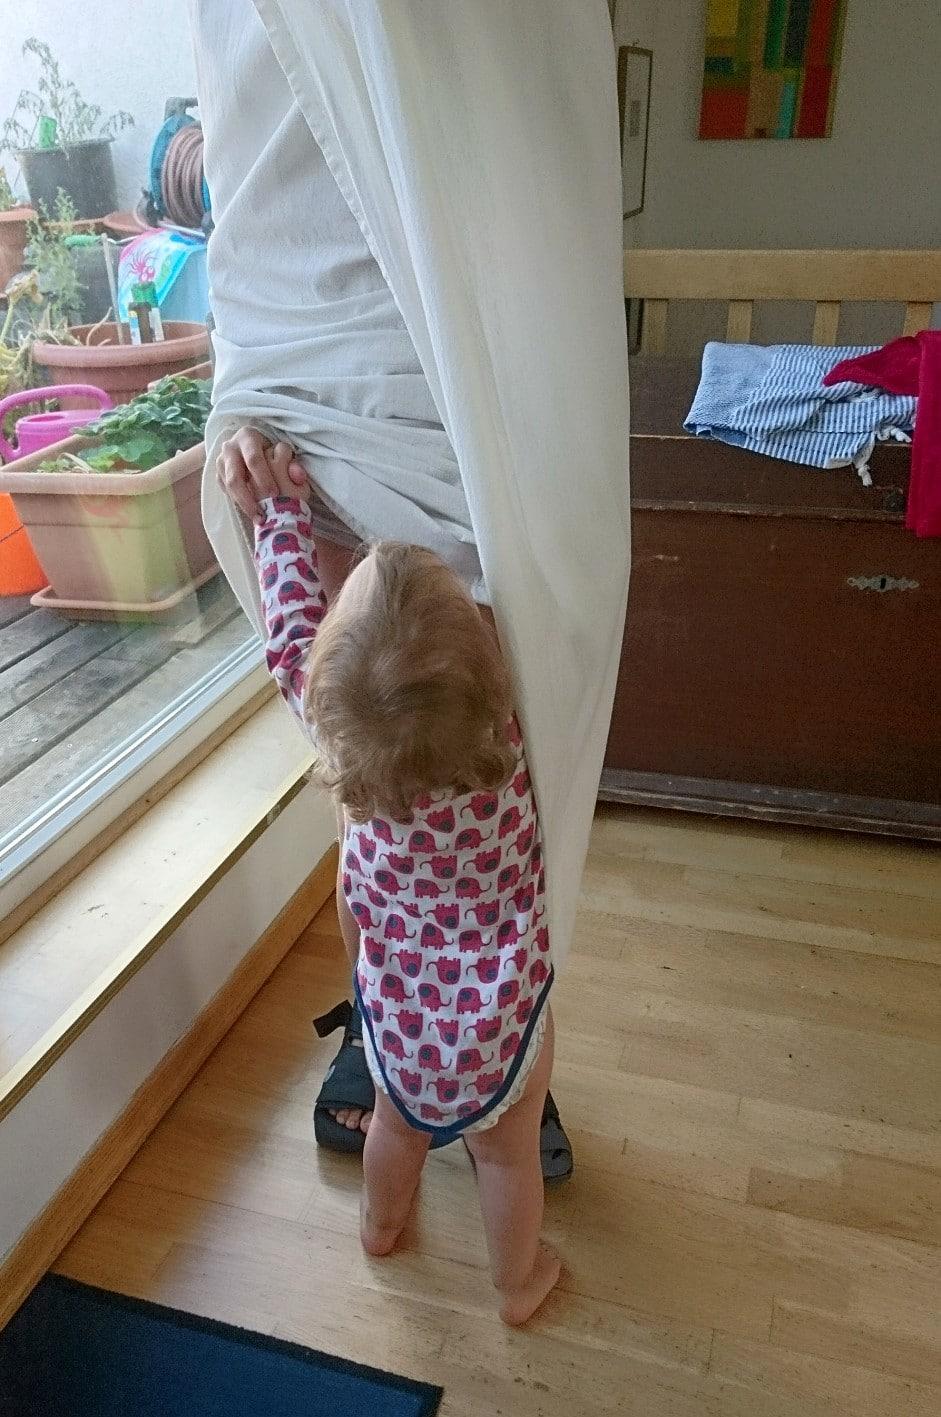 Kinder einpacken ist Arbeit_grossekoepfe.de